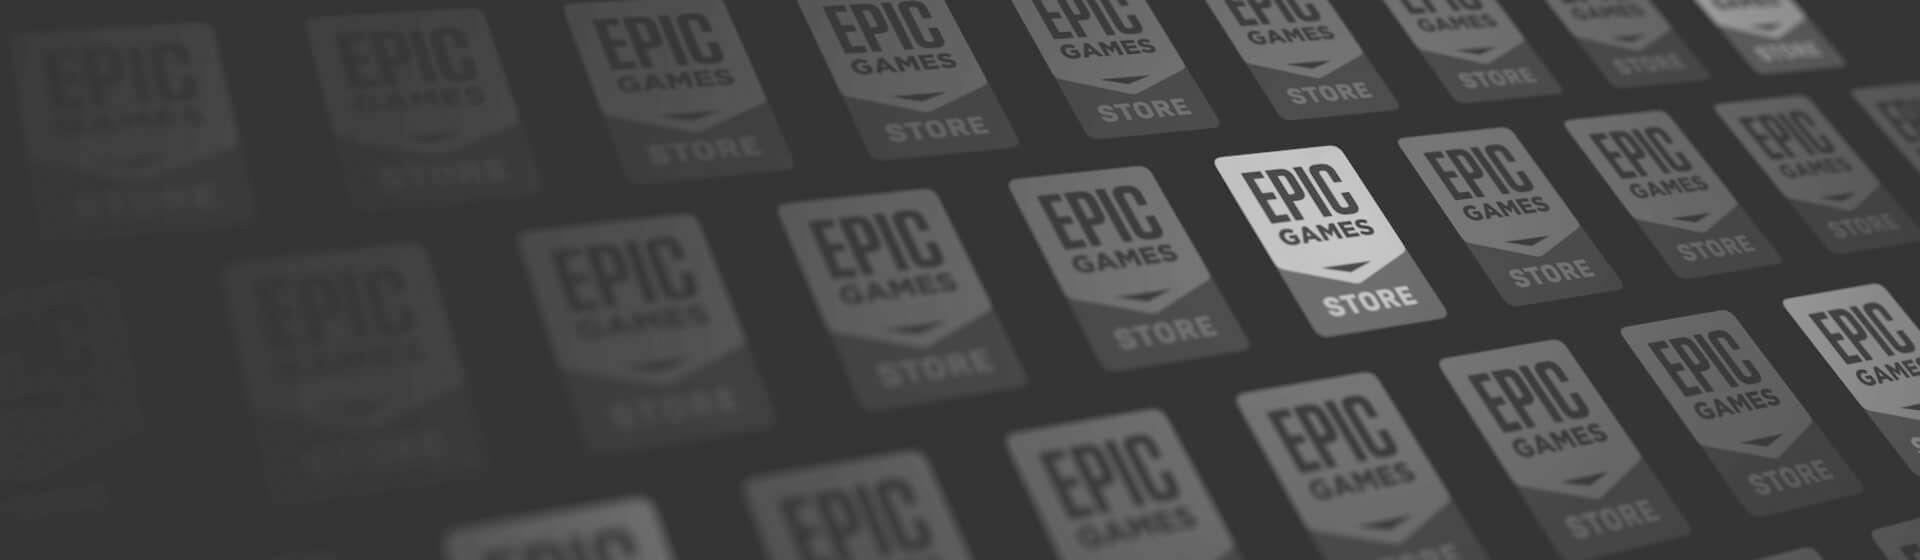 ADF da Epic Games: como ativar a autenticação em dois fatores